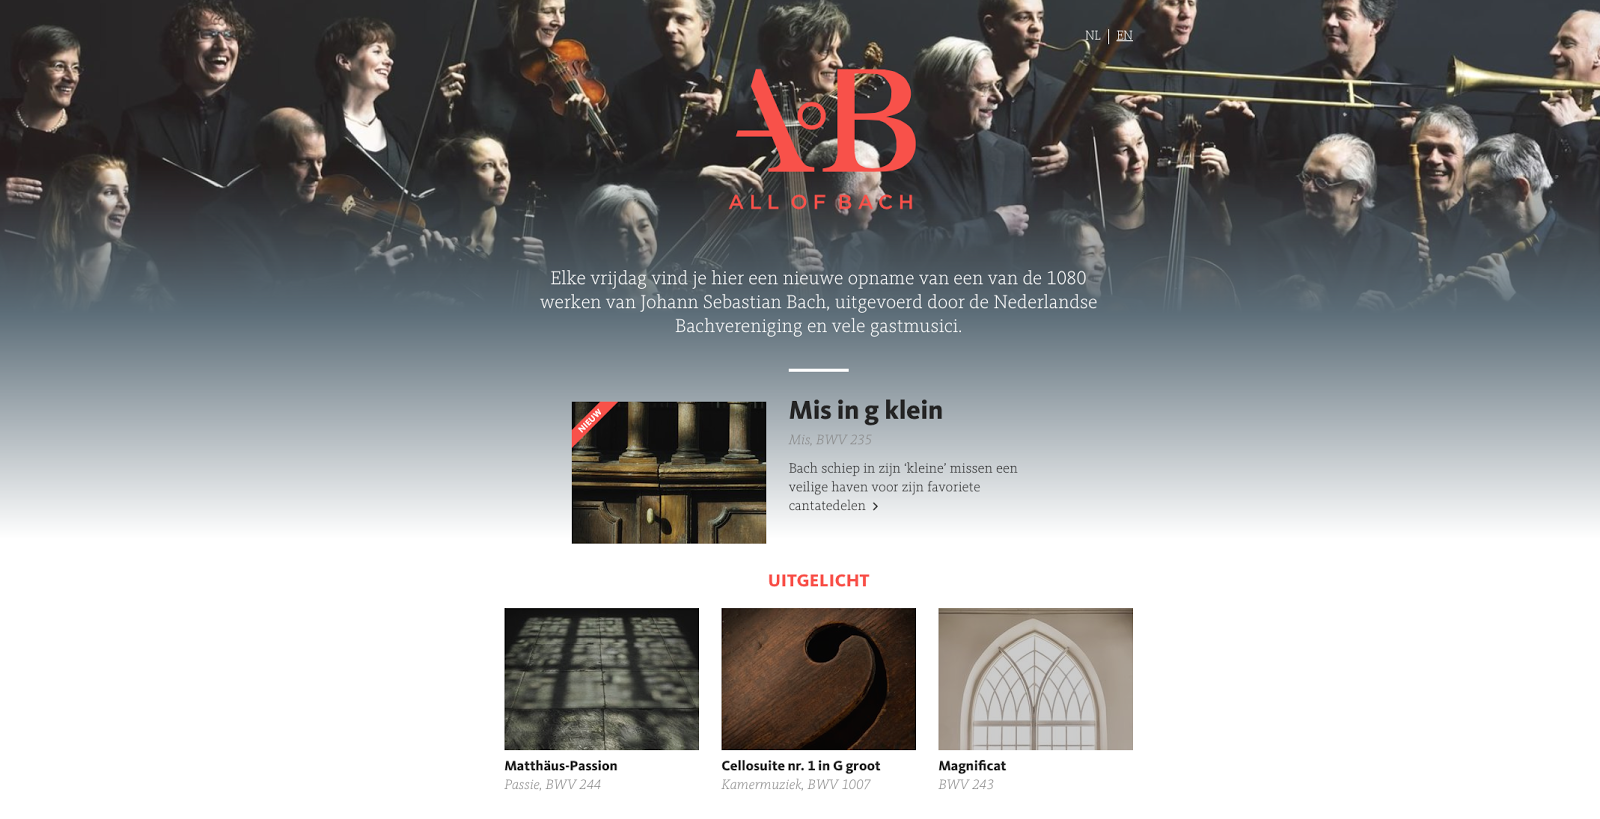 Todo sobre Bach